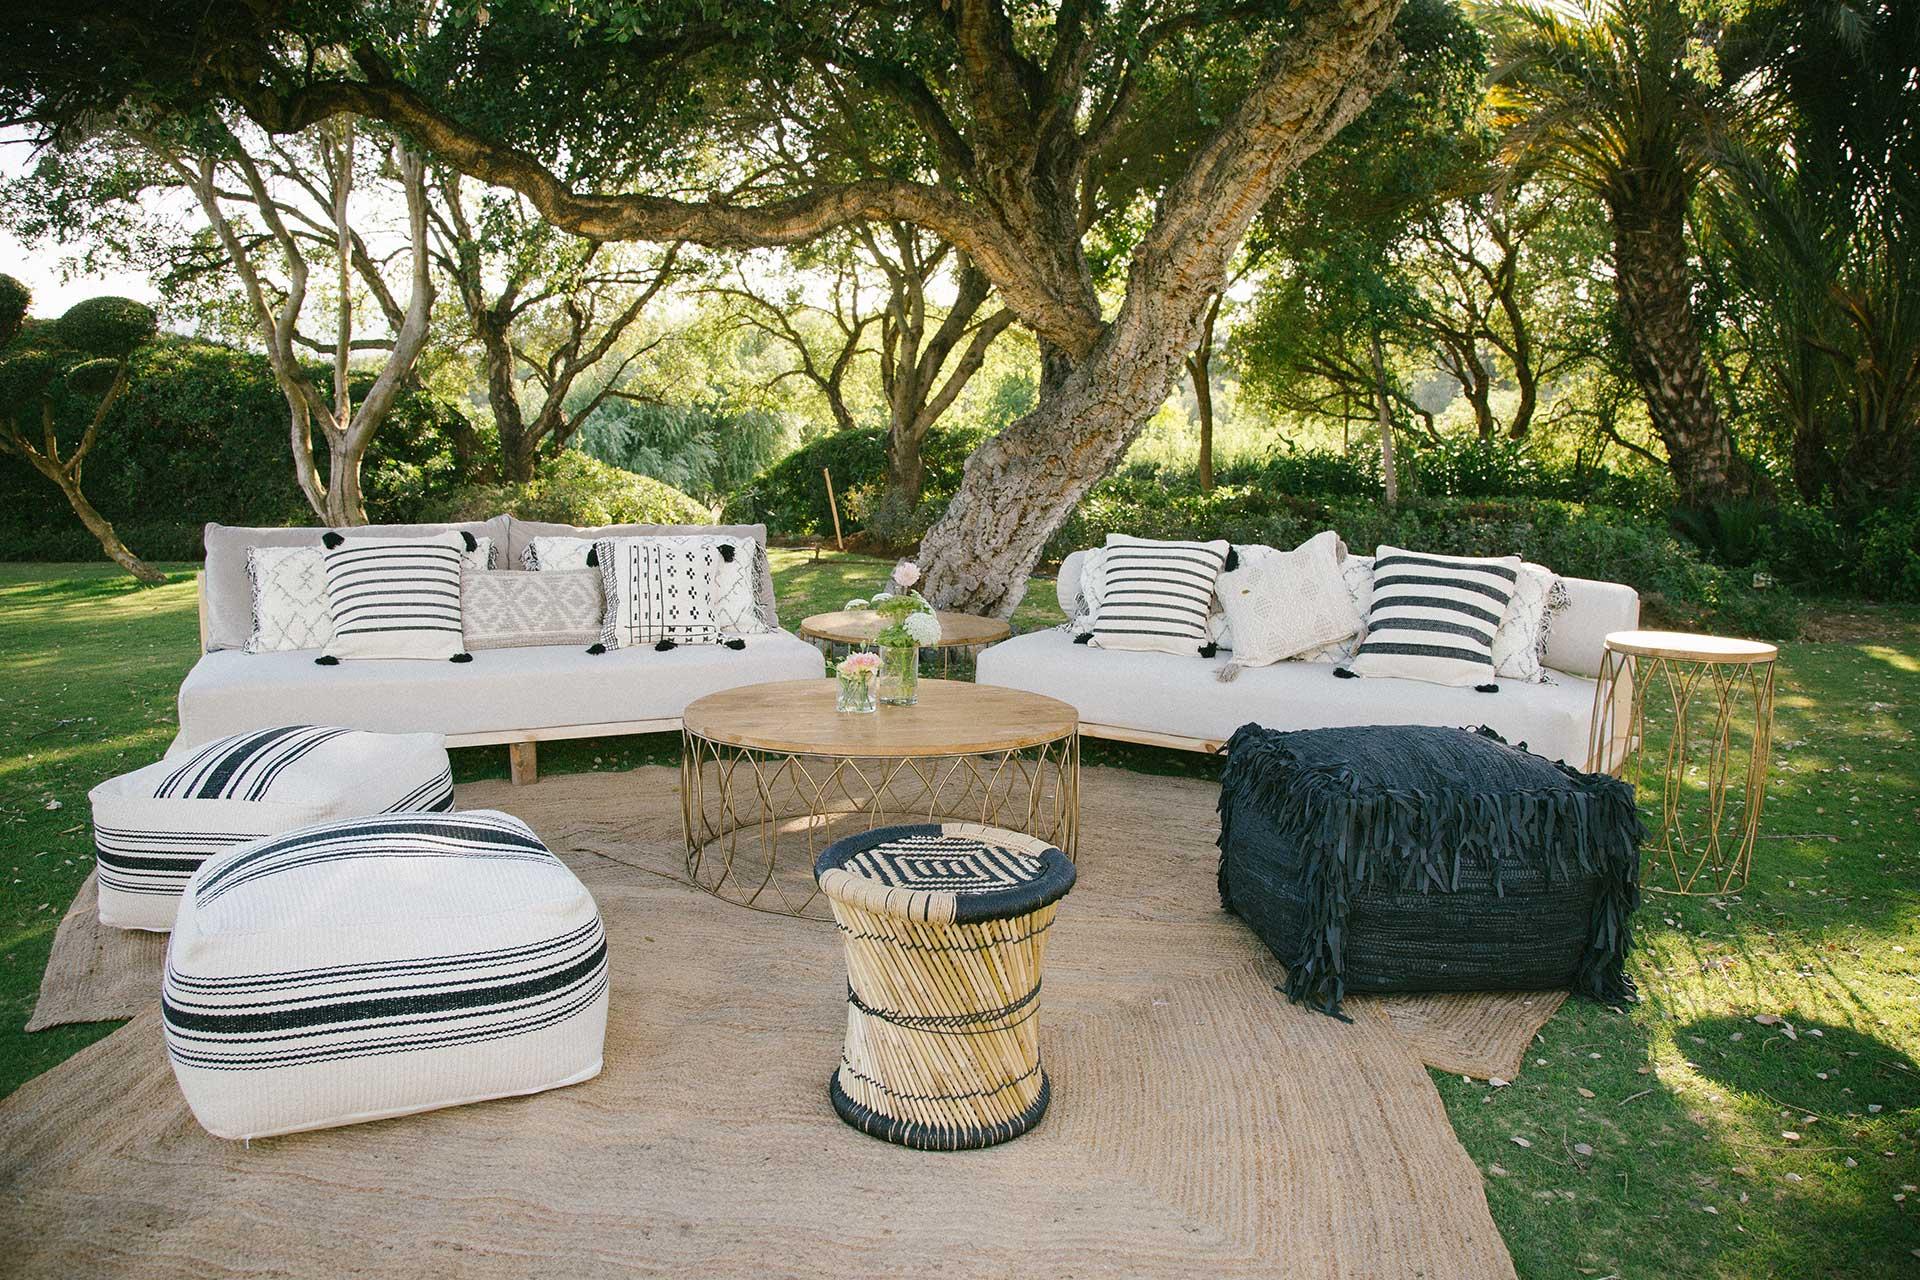 MOBILIARIO KENIA 1 - Alquiler de mesas para boda